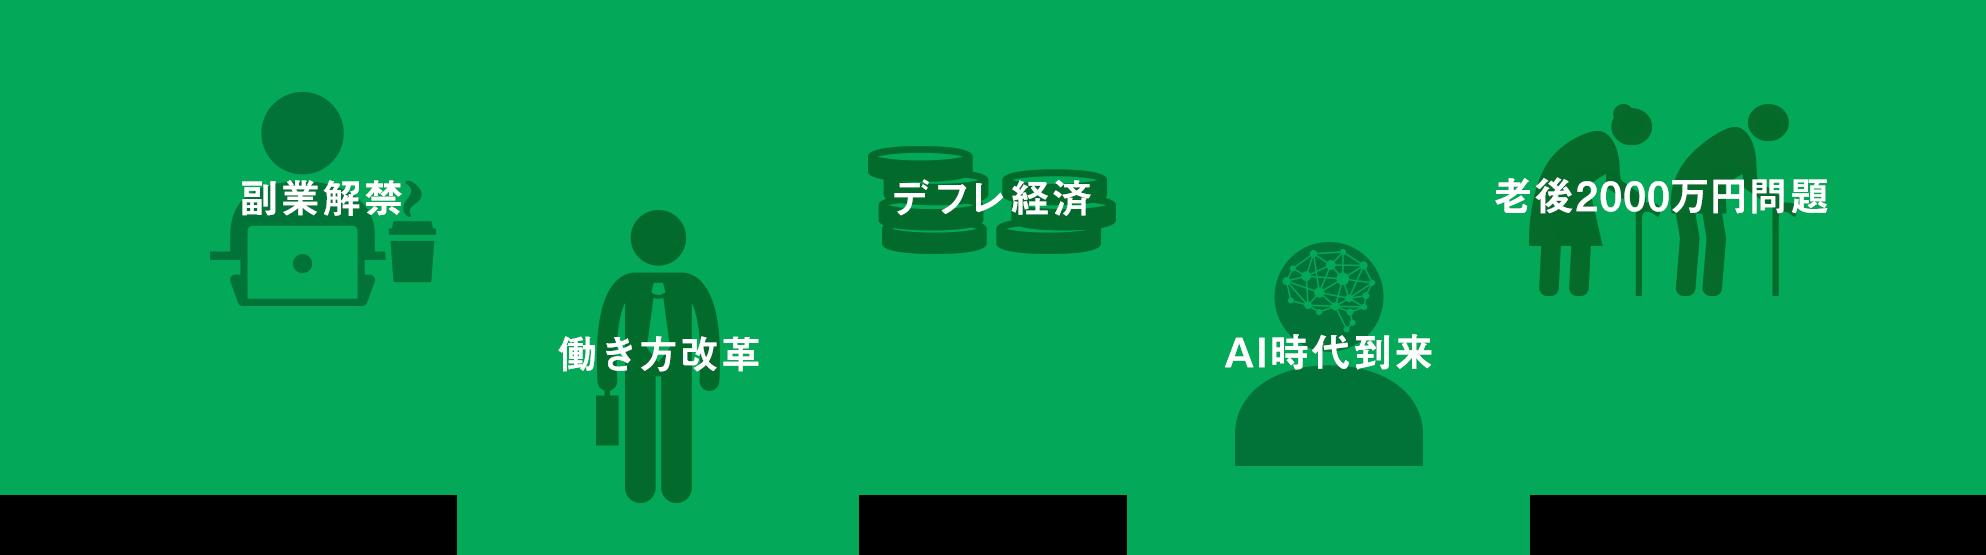 副業解禁 働き方改革 デフレ経済 AI時代到来 老後2000万円問題